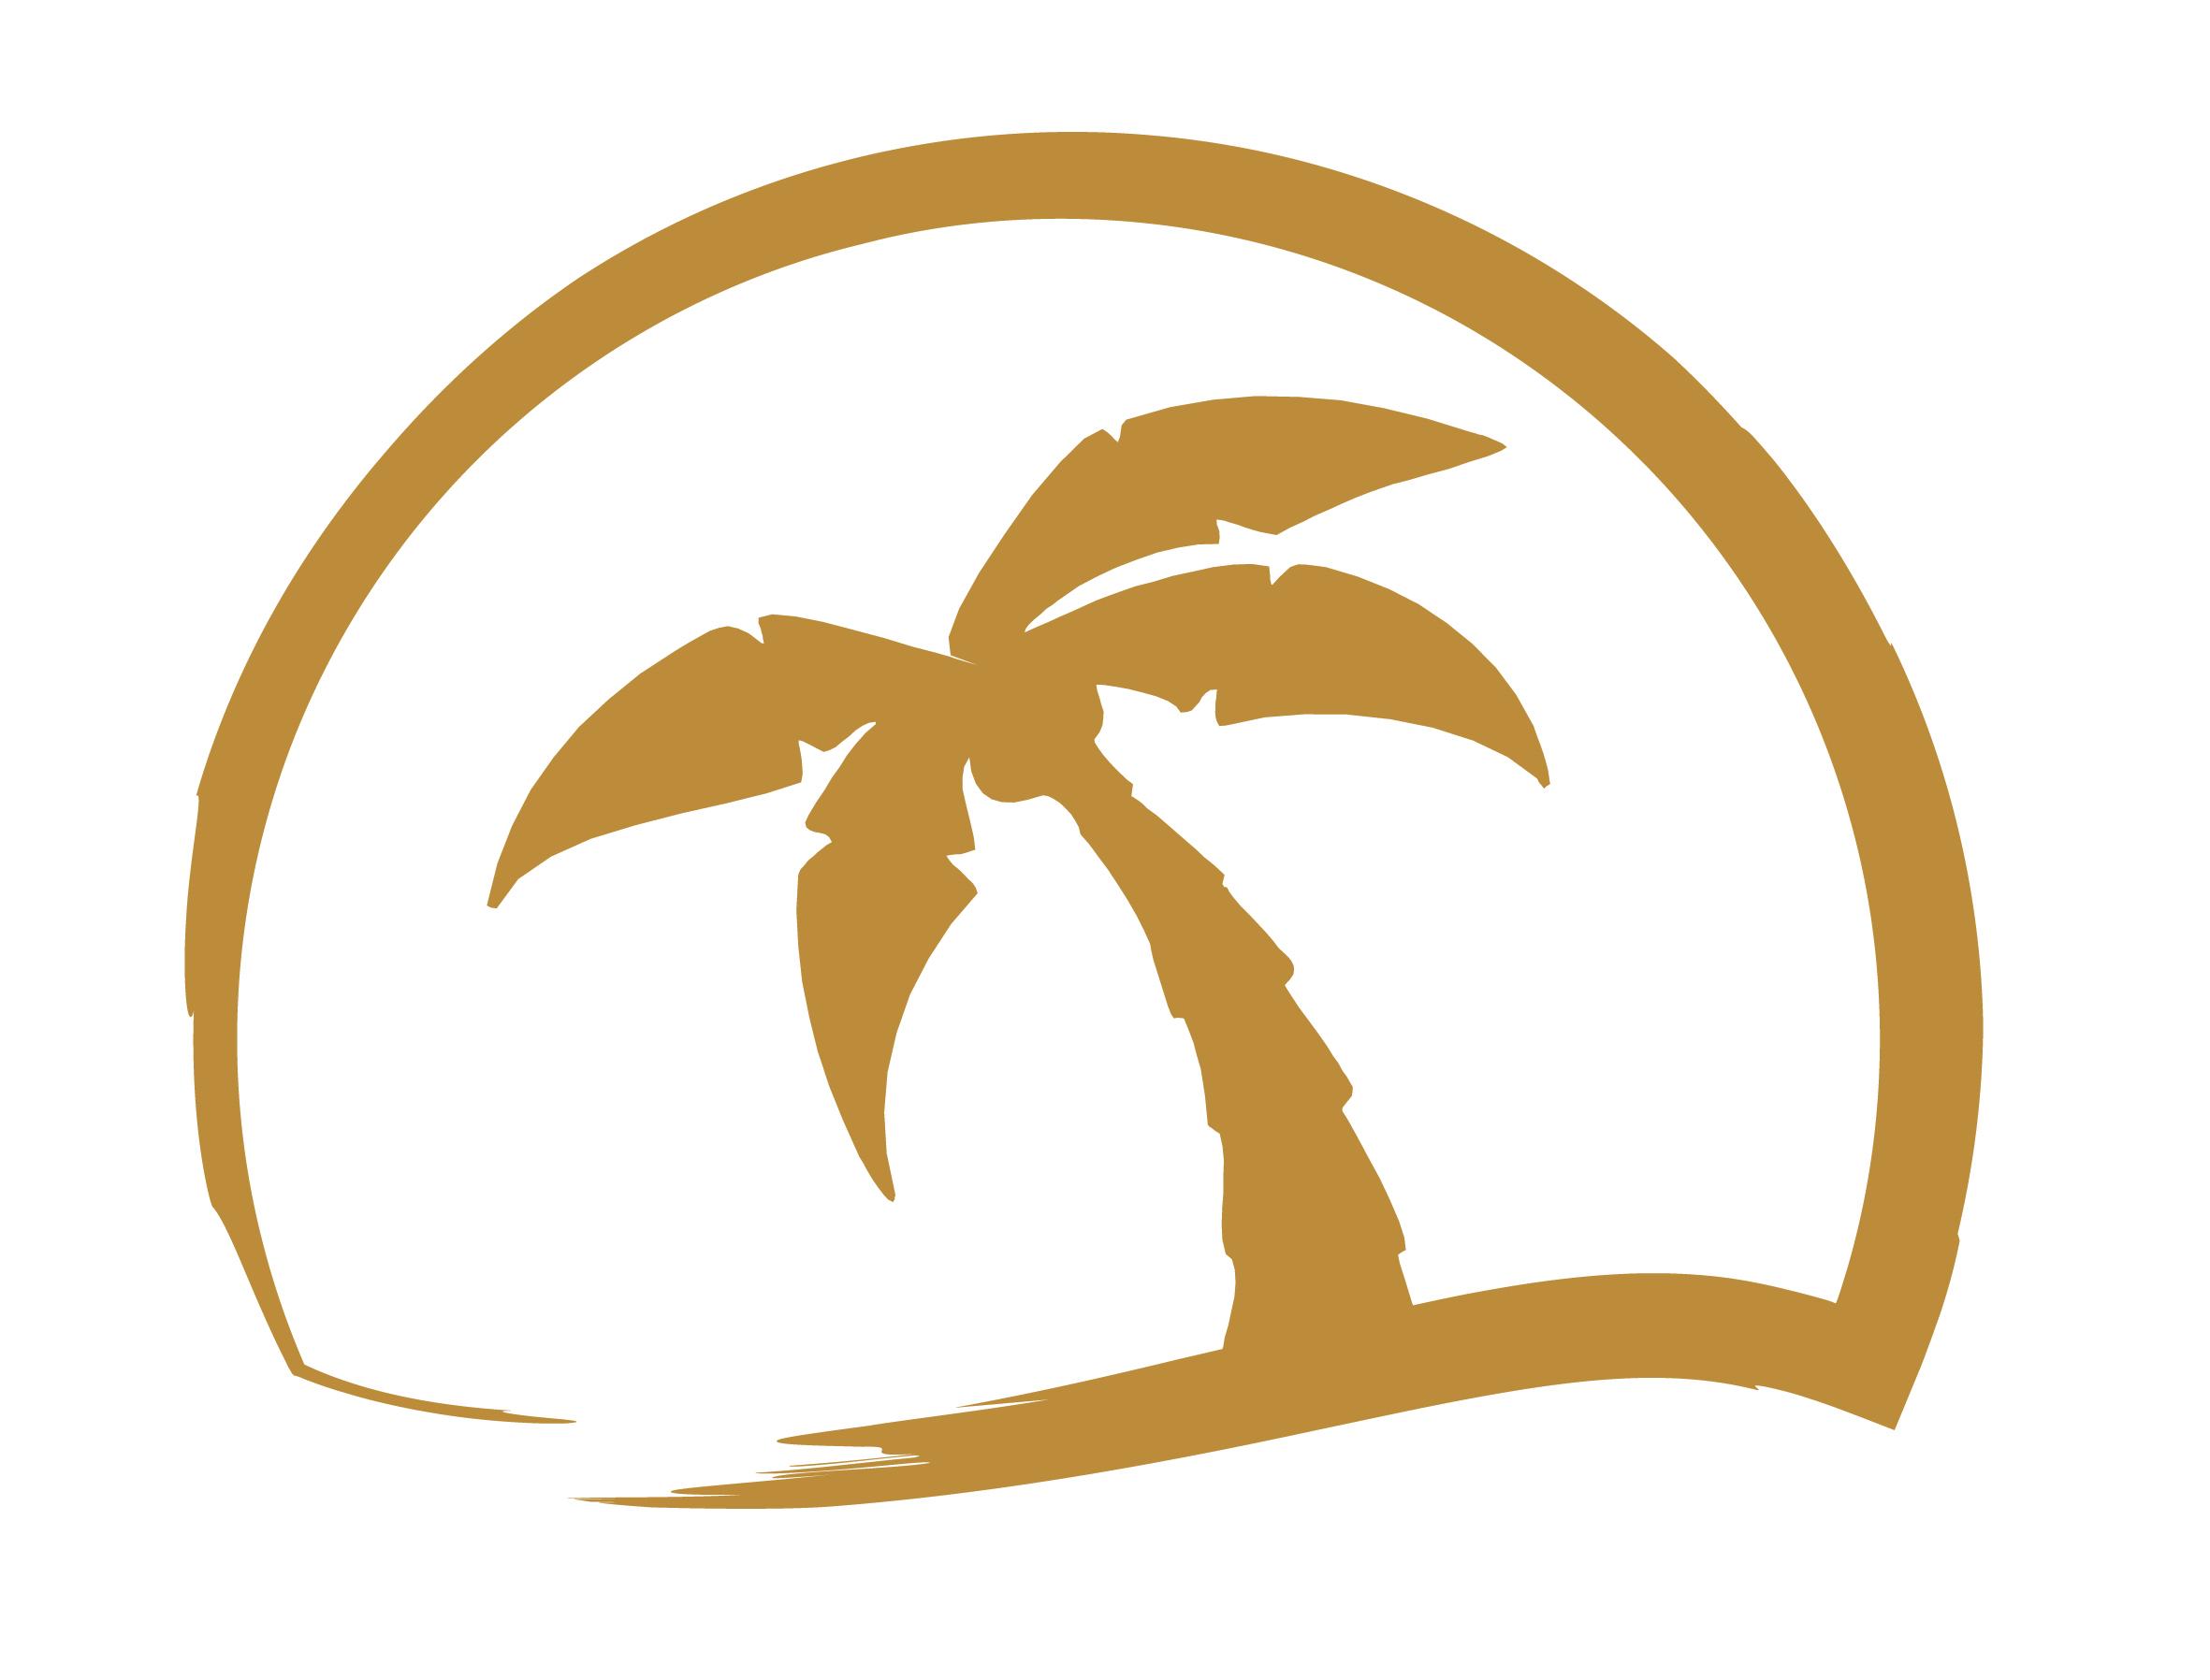 Колекция от лого на палмово дърво (25)